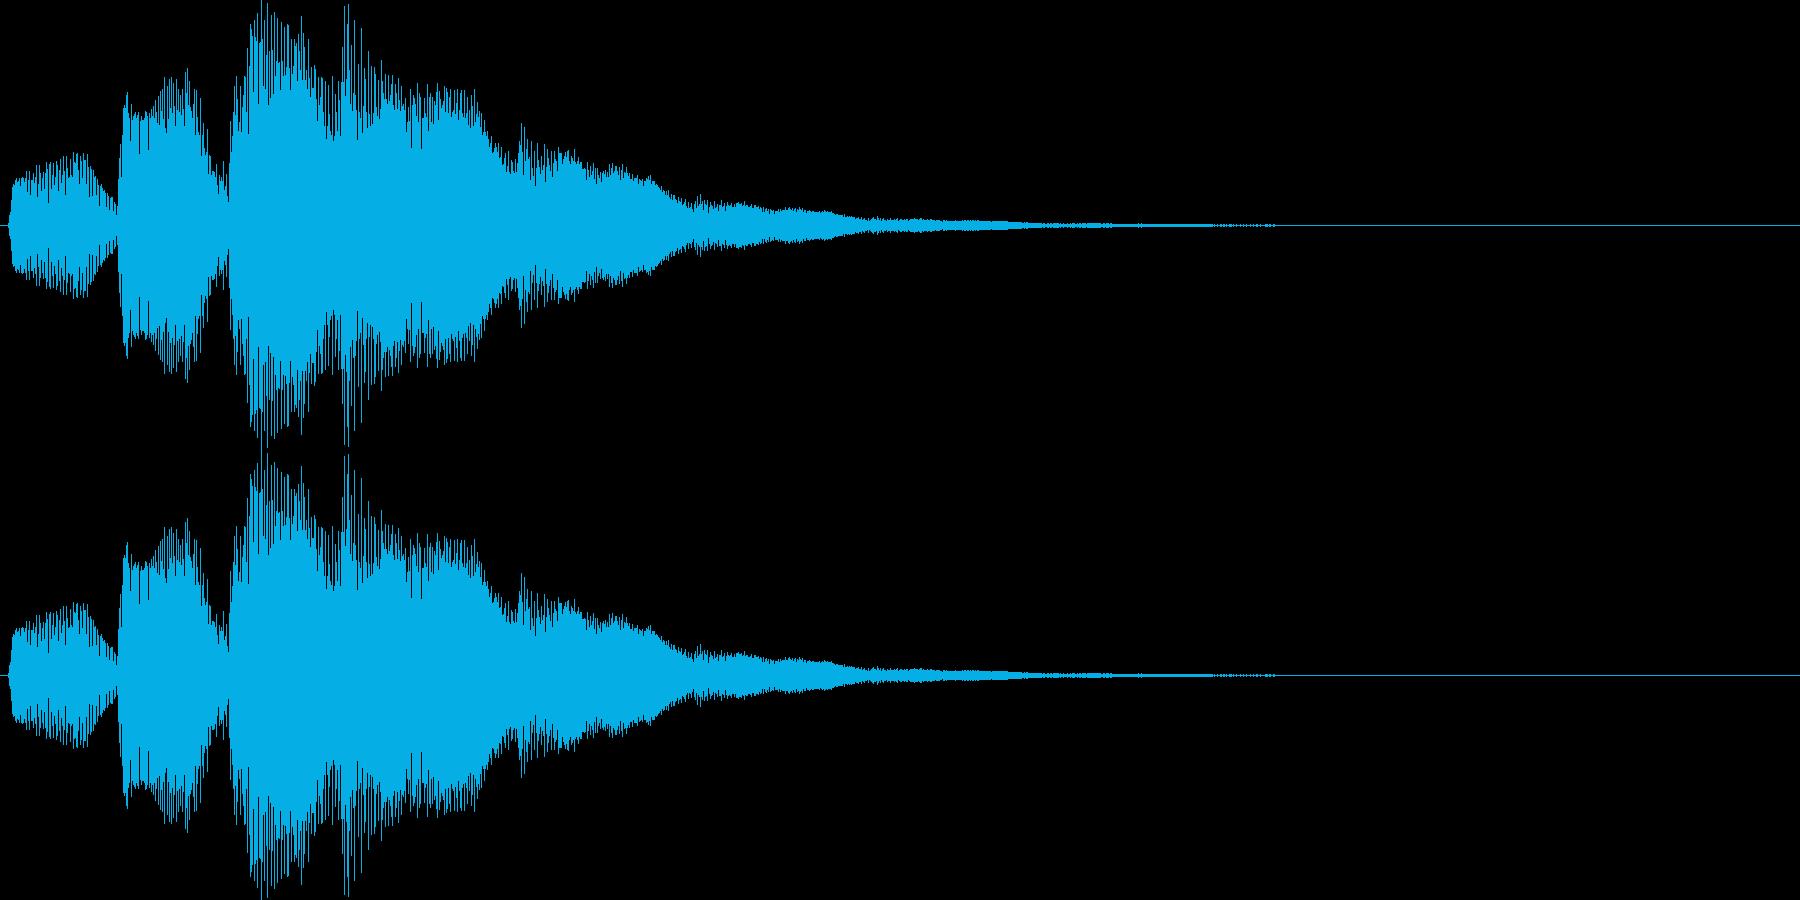 ピロリロリン(スタート、レベルアップ)の再生済みの波形